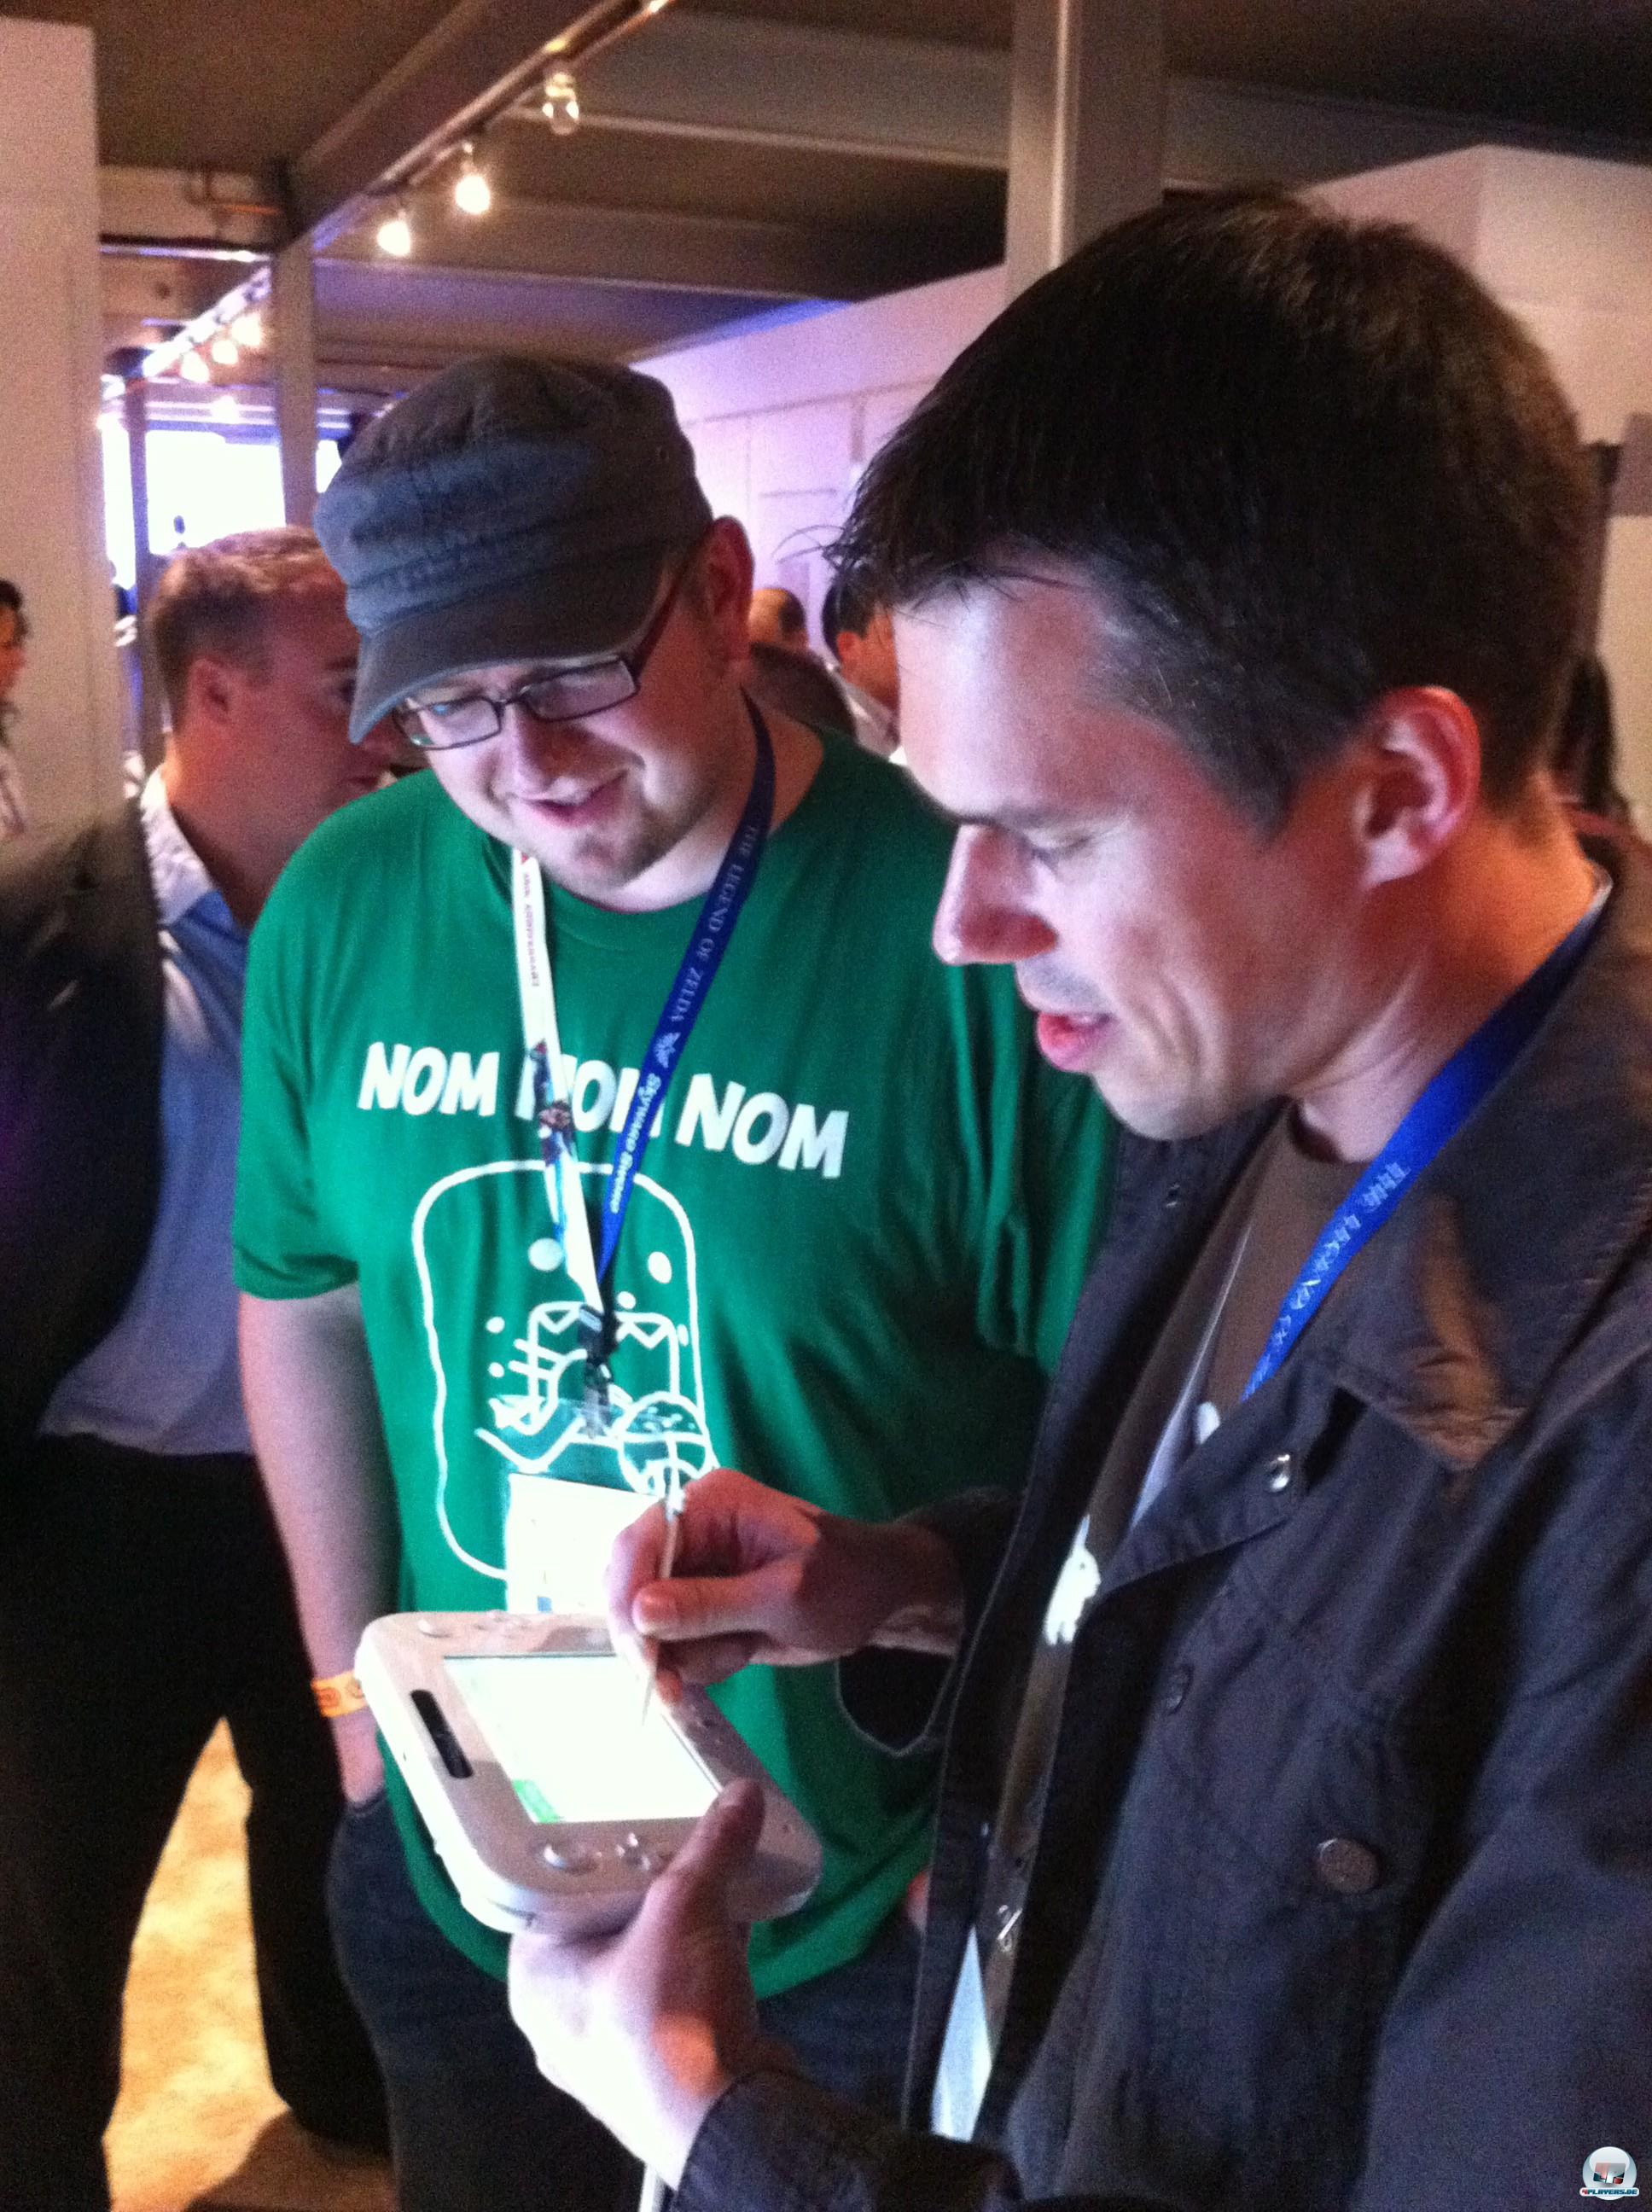 Zwei Redakteure, ein Grinsen und Wii U.